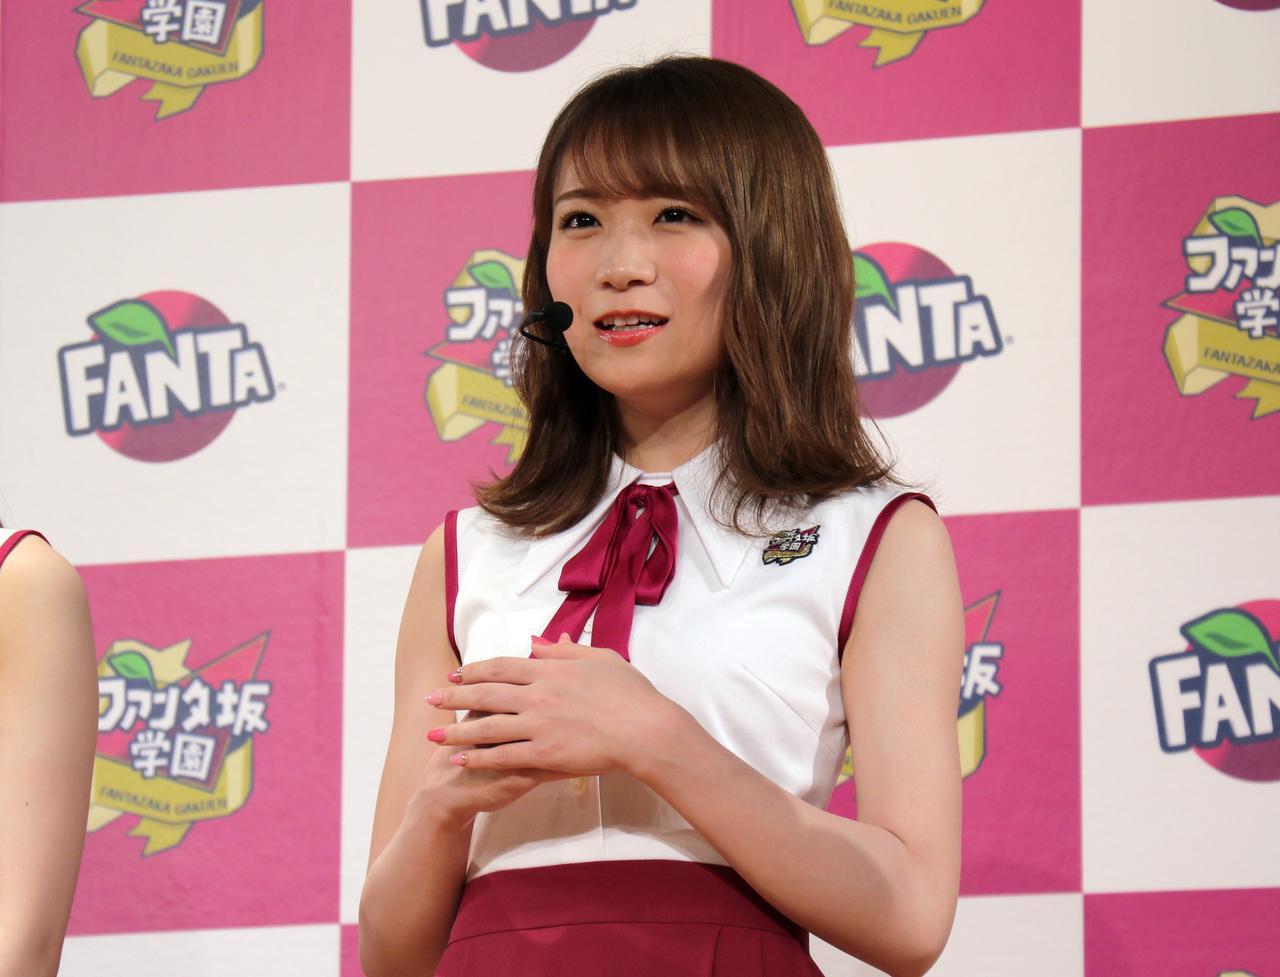 画像2: 乃木坂46の新ユニット!?「ファンタ坂学園」ってなに?